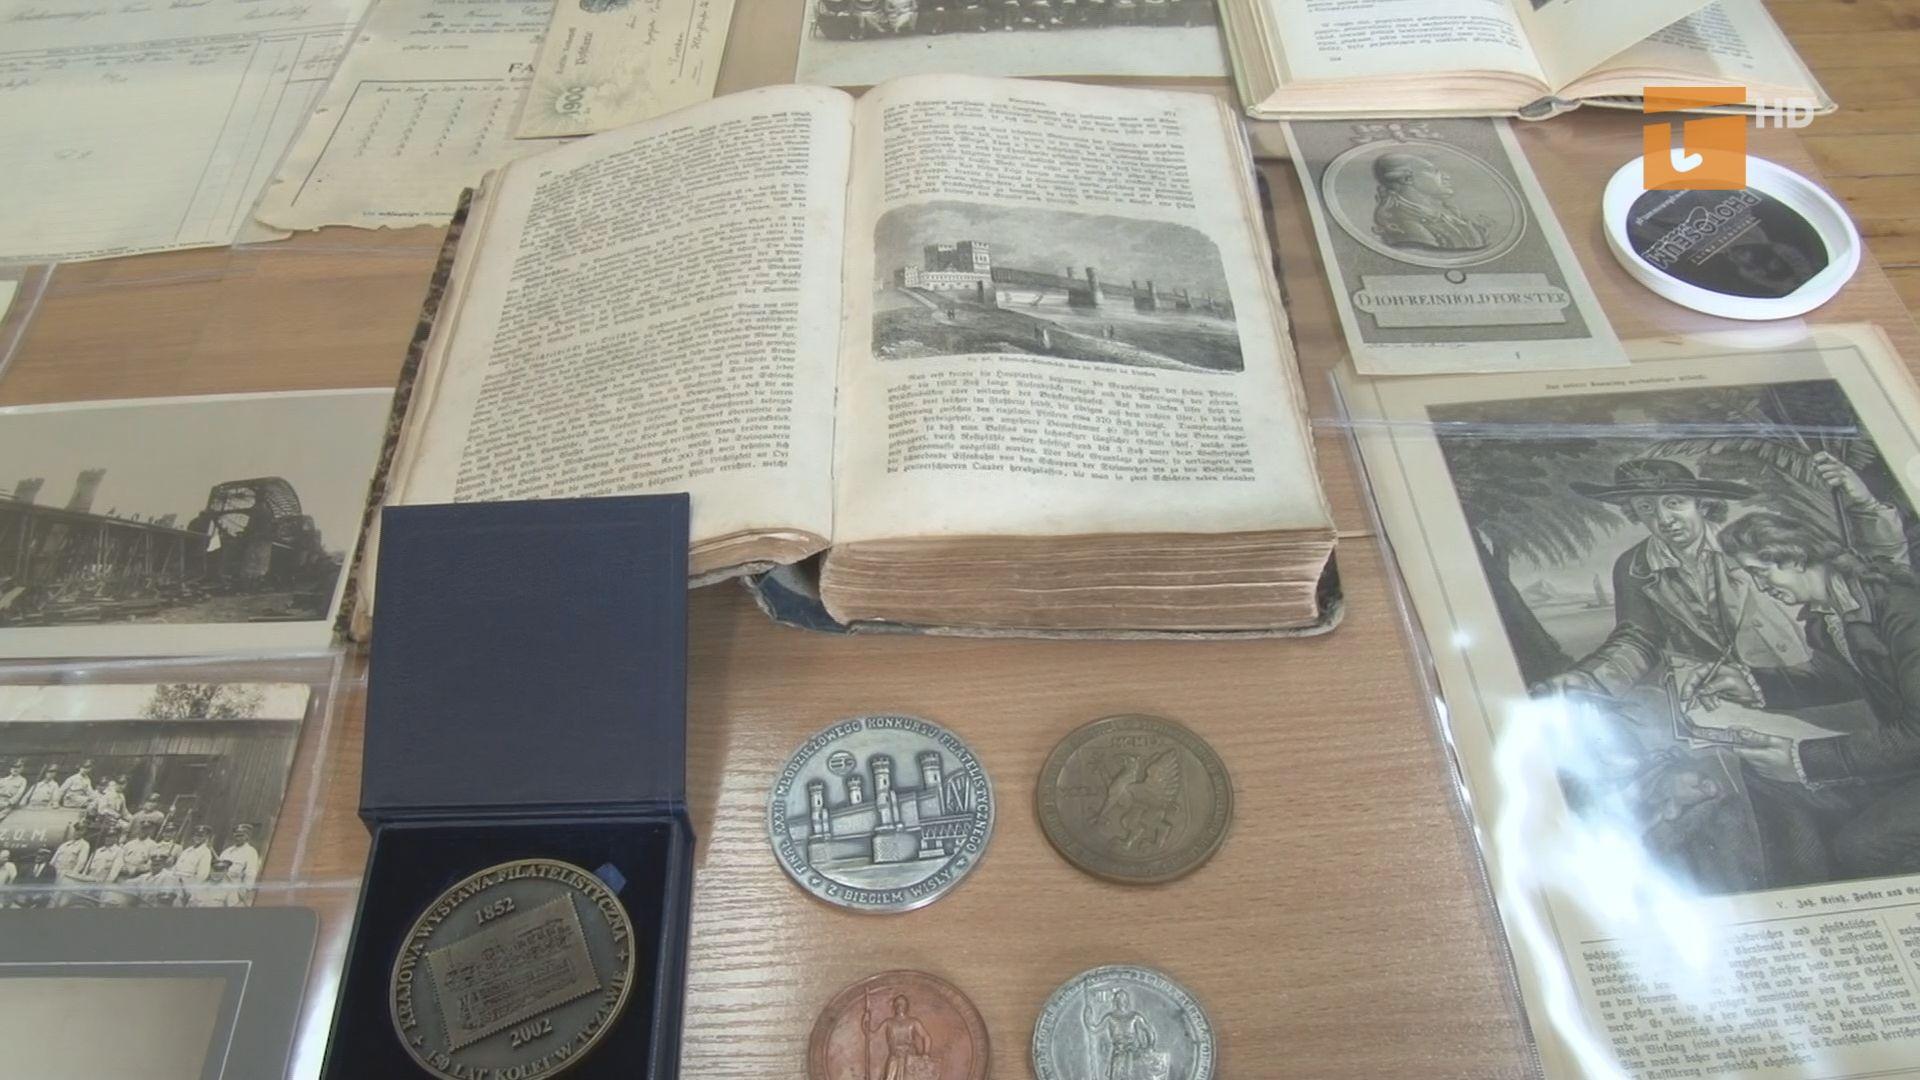 Historyczne skarby trafiły do biblioteki